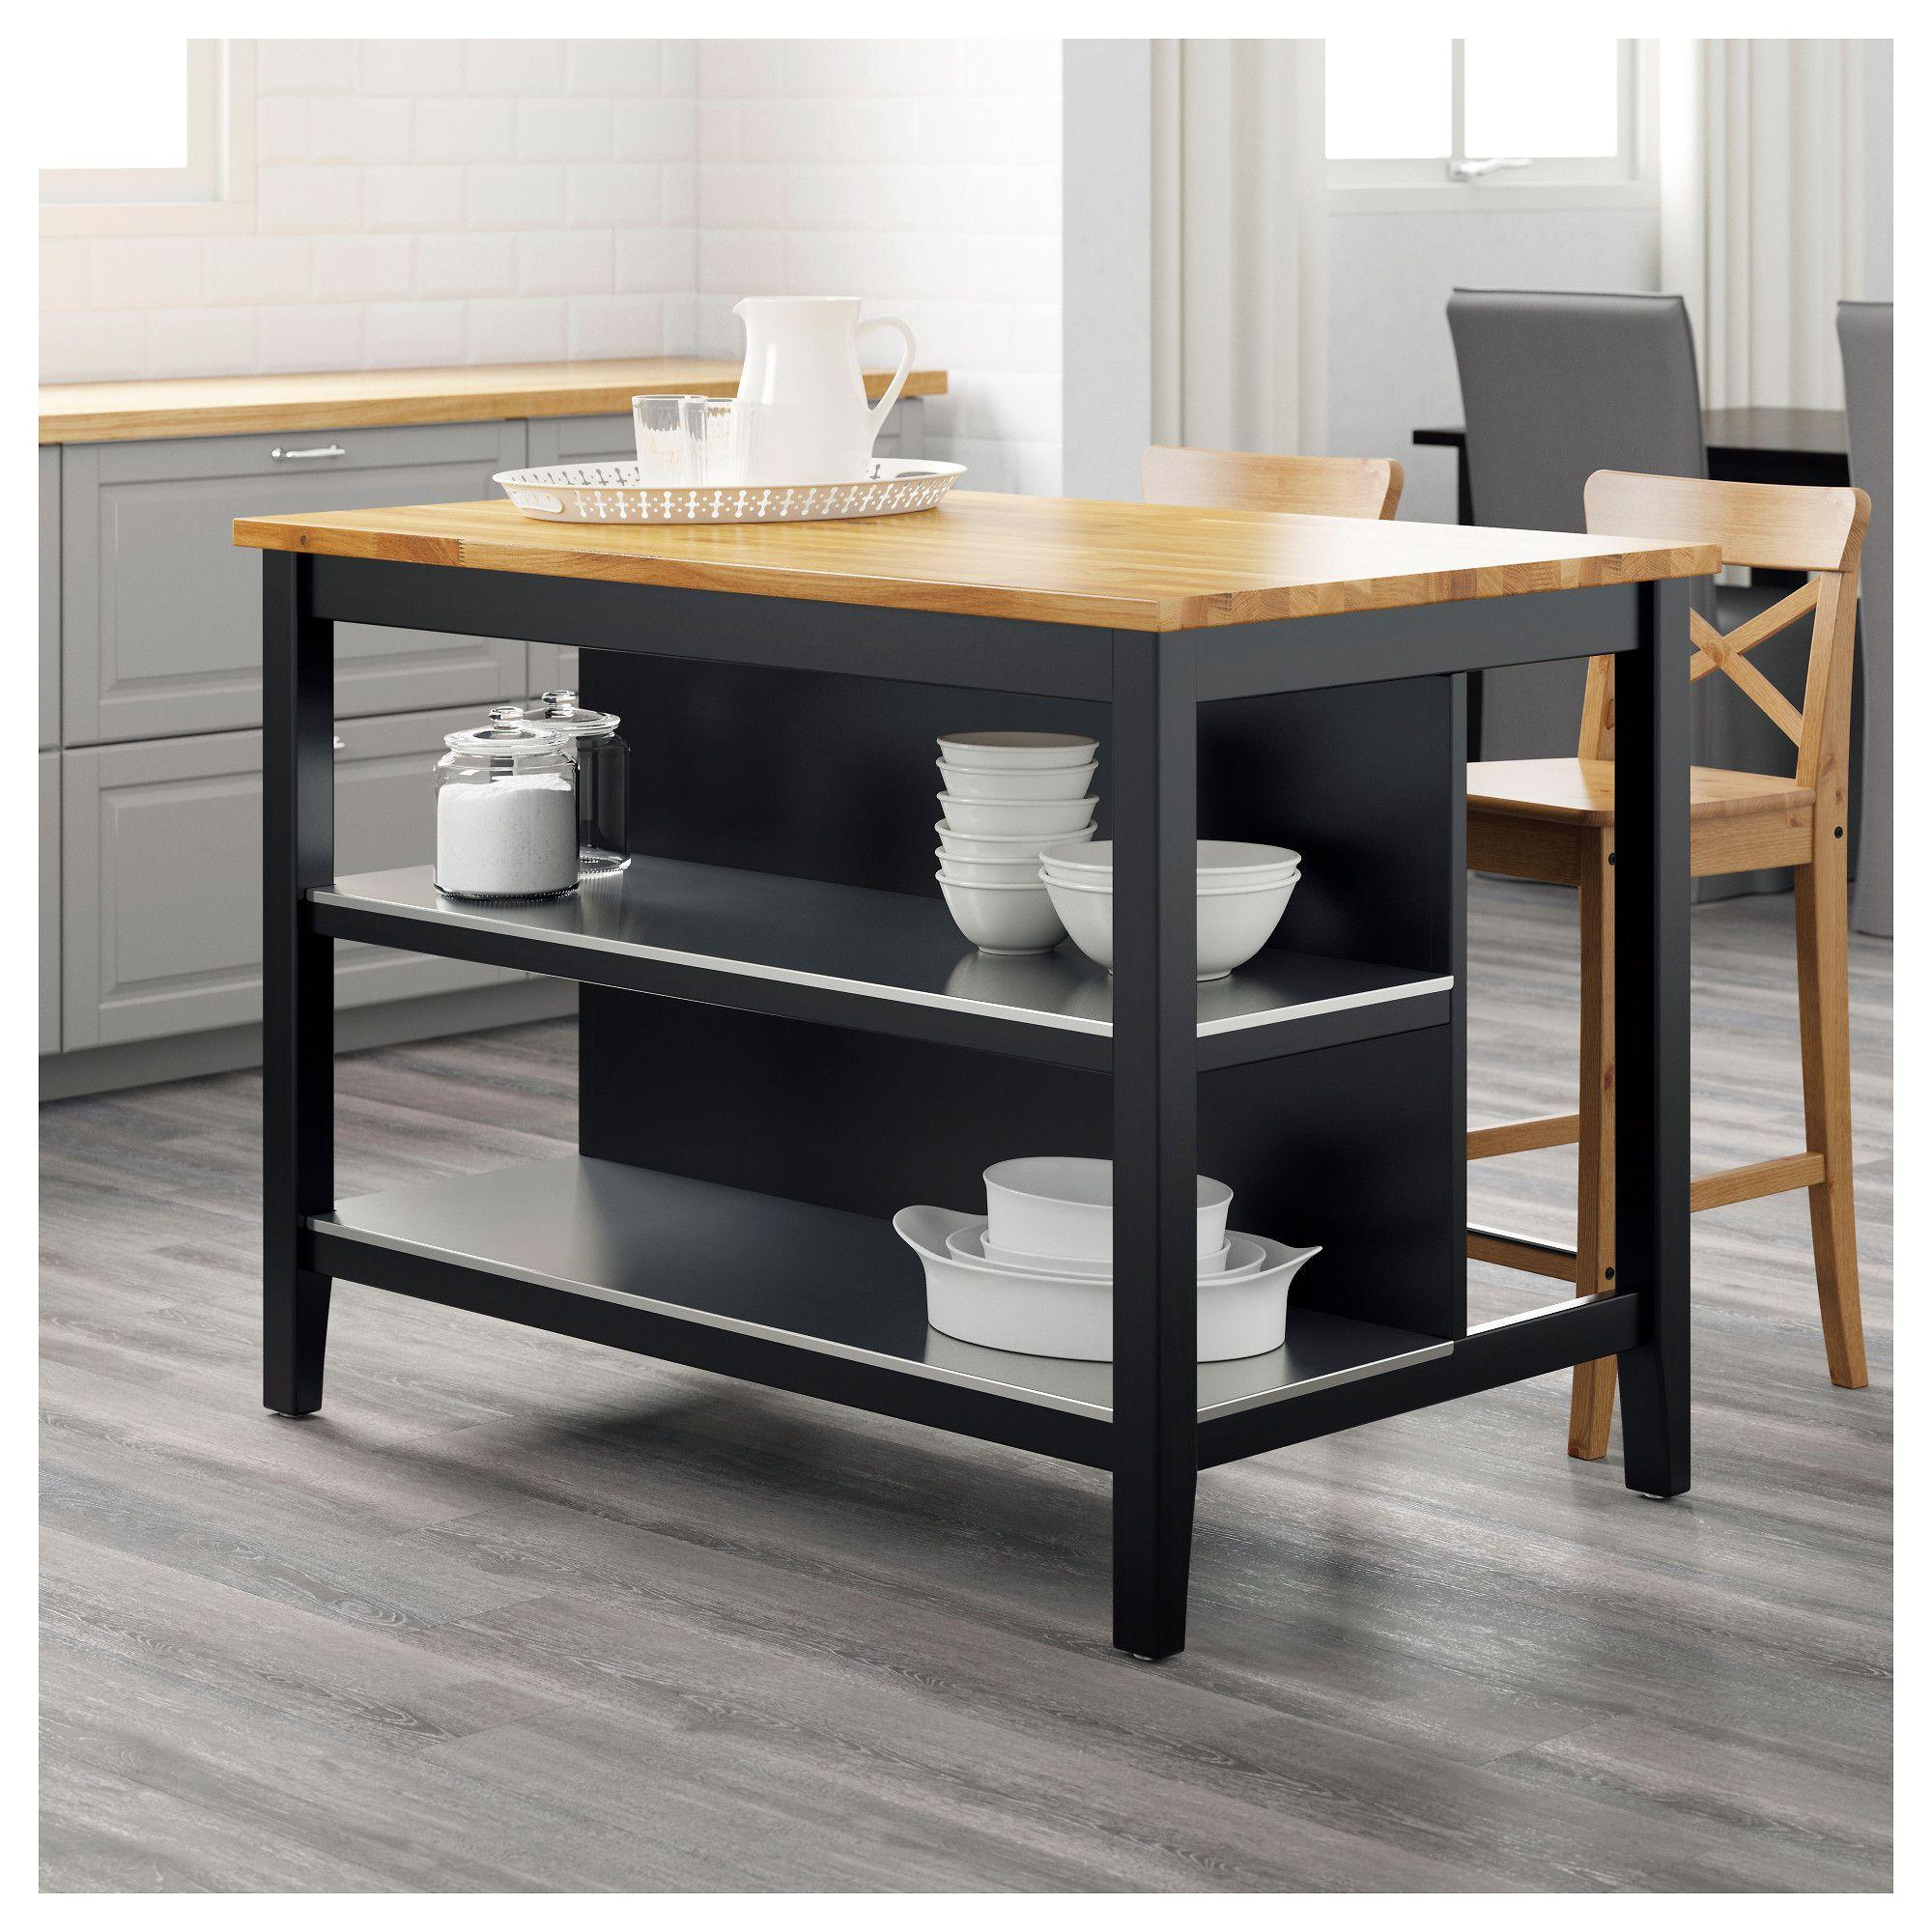 IKEA STENSTORP kitchen island  home SWEET home  Pinterest